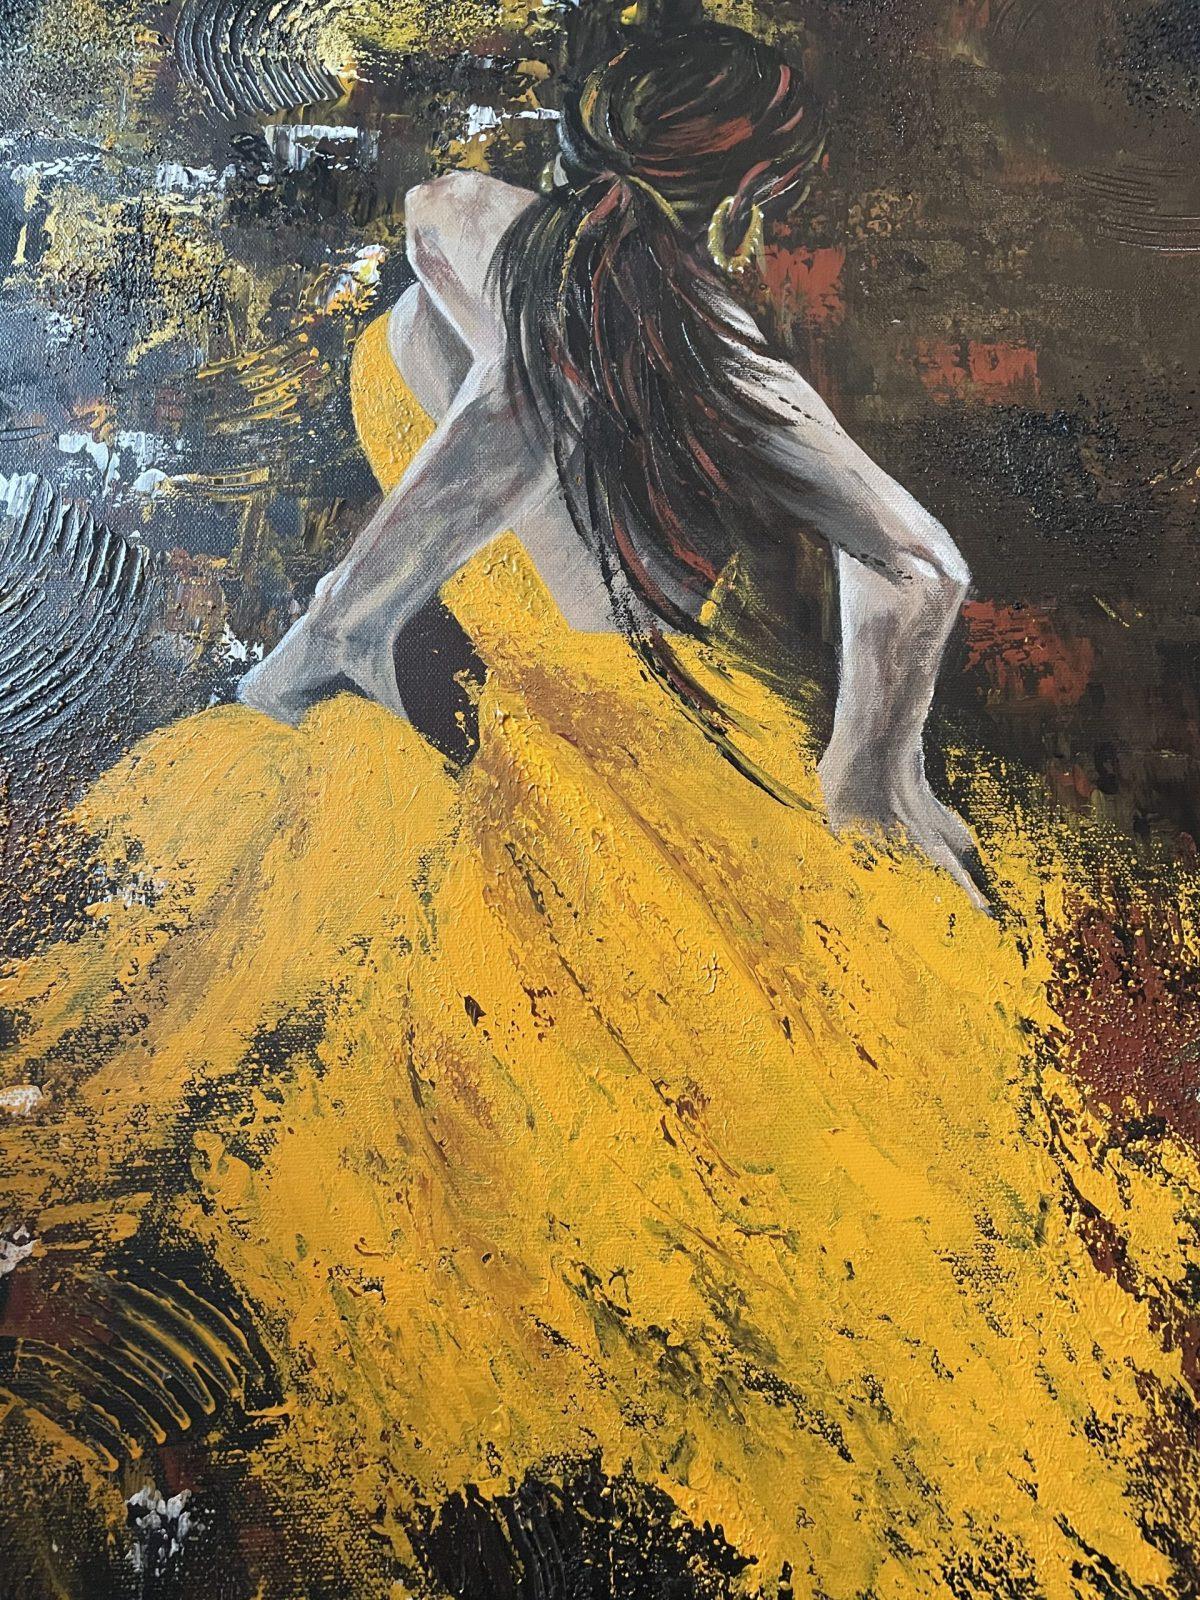 La danseuse du Tango, gros plan sur la danseuse avec sa belle robe jaune